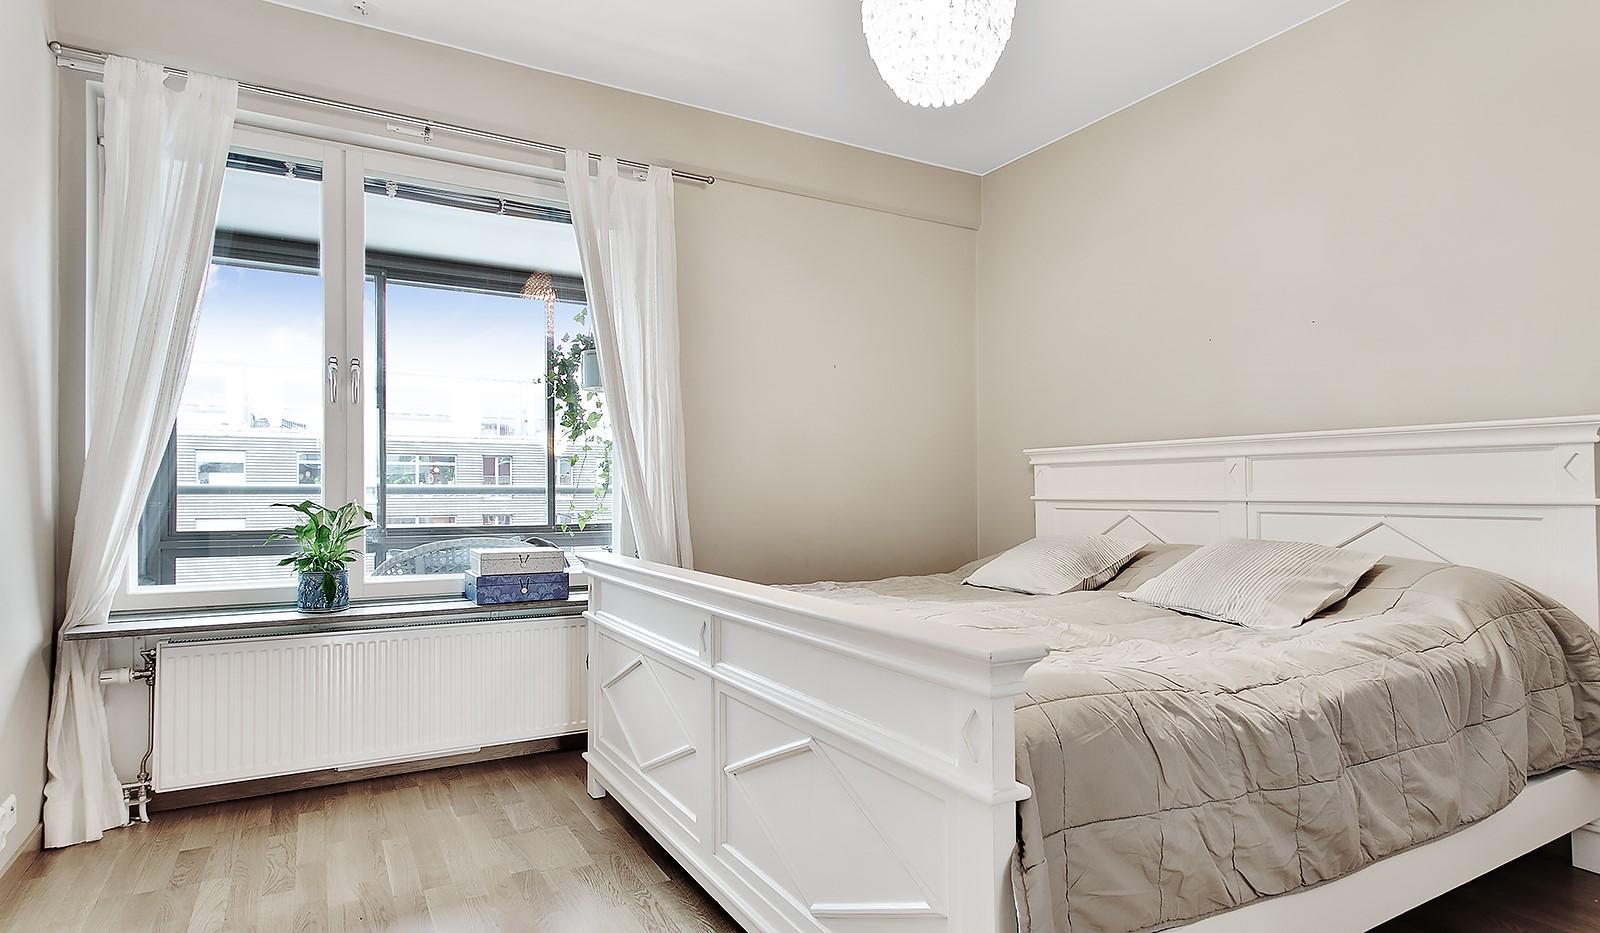 Konvojgatan 1, vån 6 - Rymligt sovrum med behagliga färgval